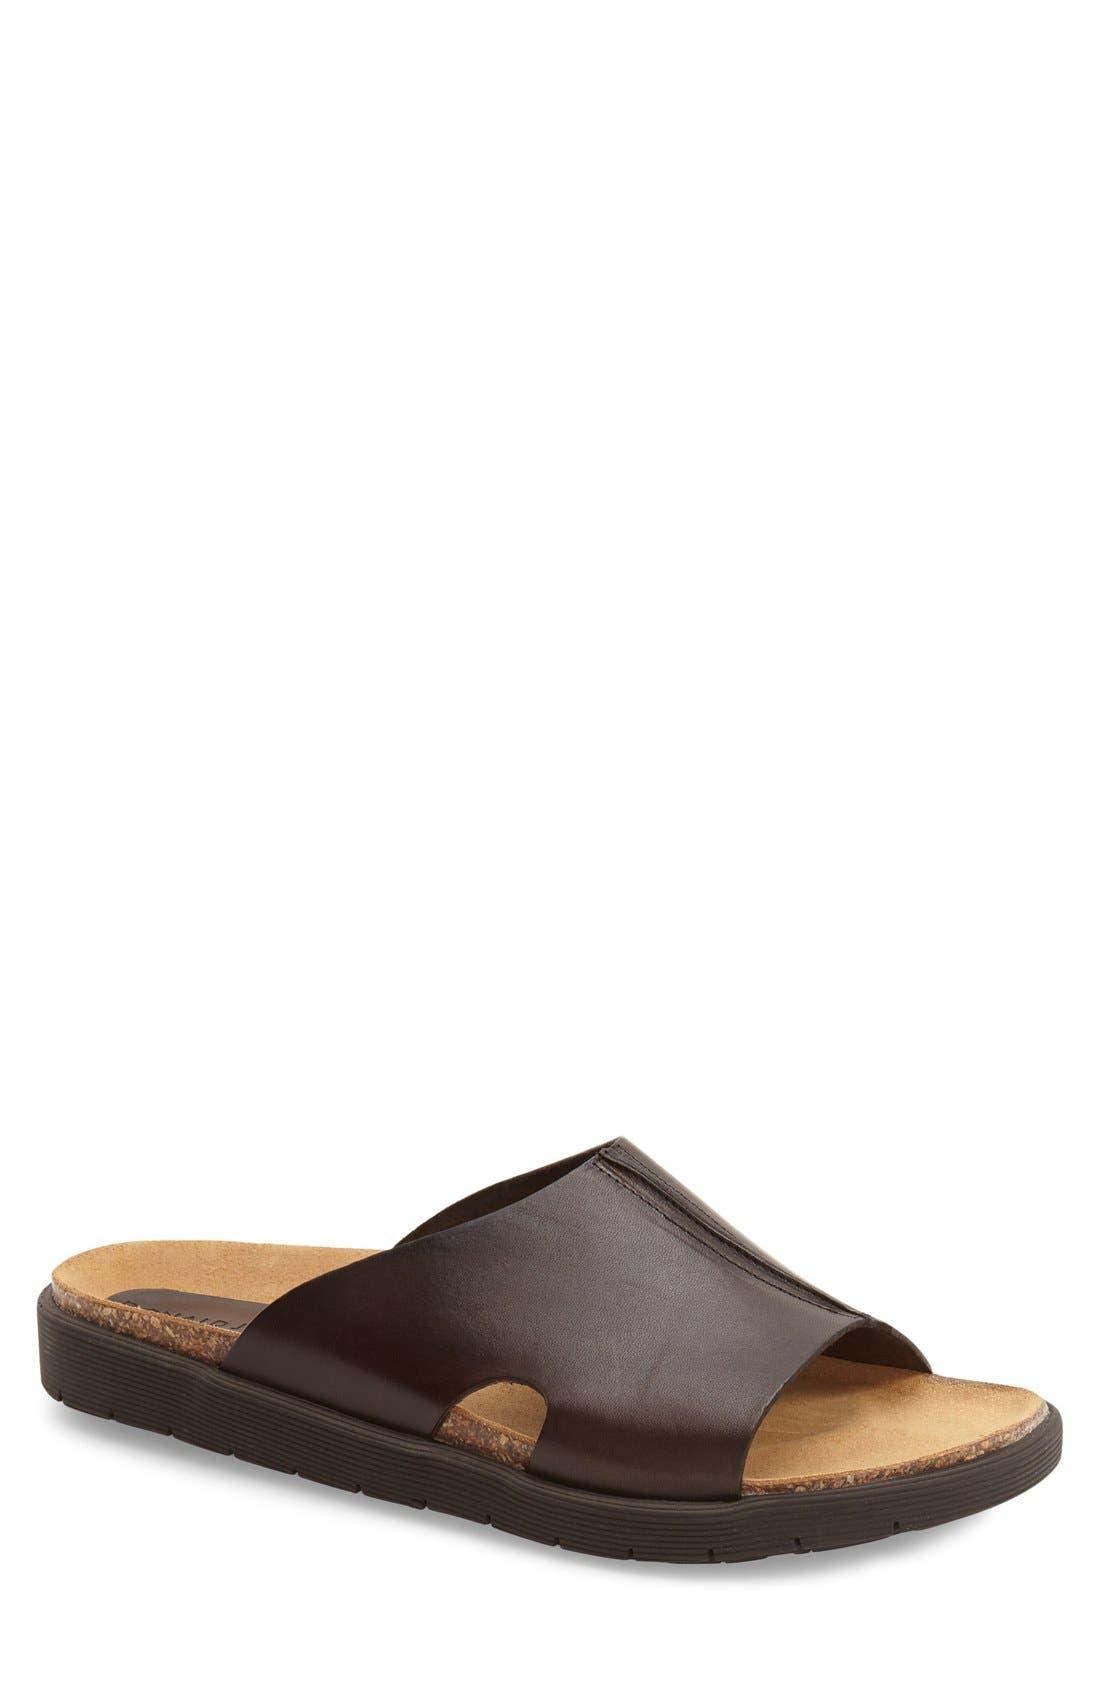 Donald J Pliner 'Hayt' Slide Sandal